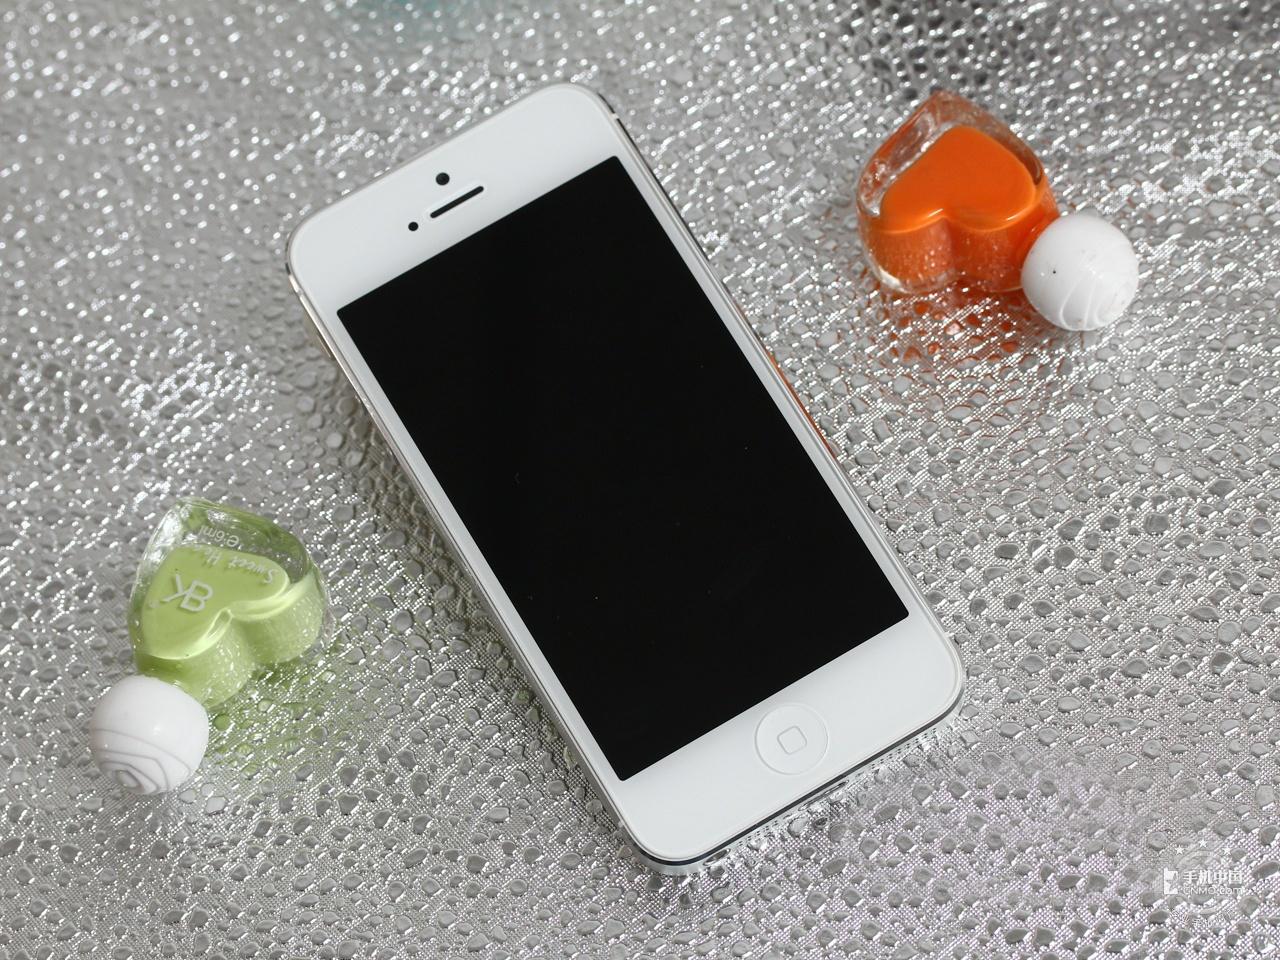 苹果iPhone5(64GB)整体外观第7张